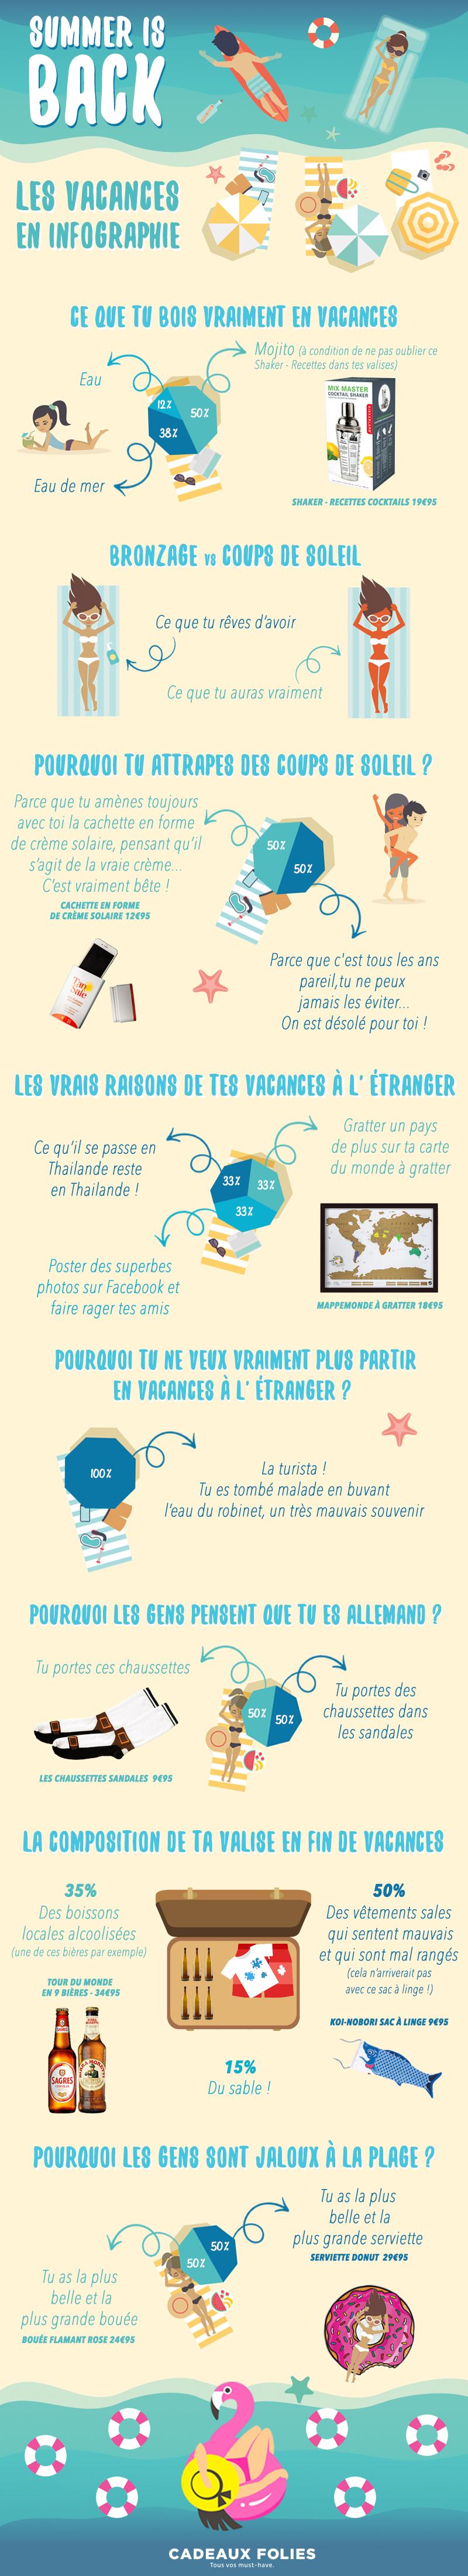 Infographie vacances : ce à quoi ressemblent vraiment les vacances !